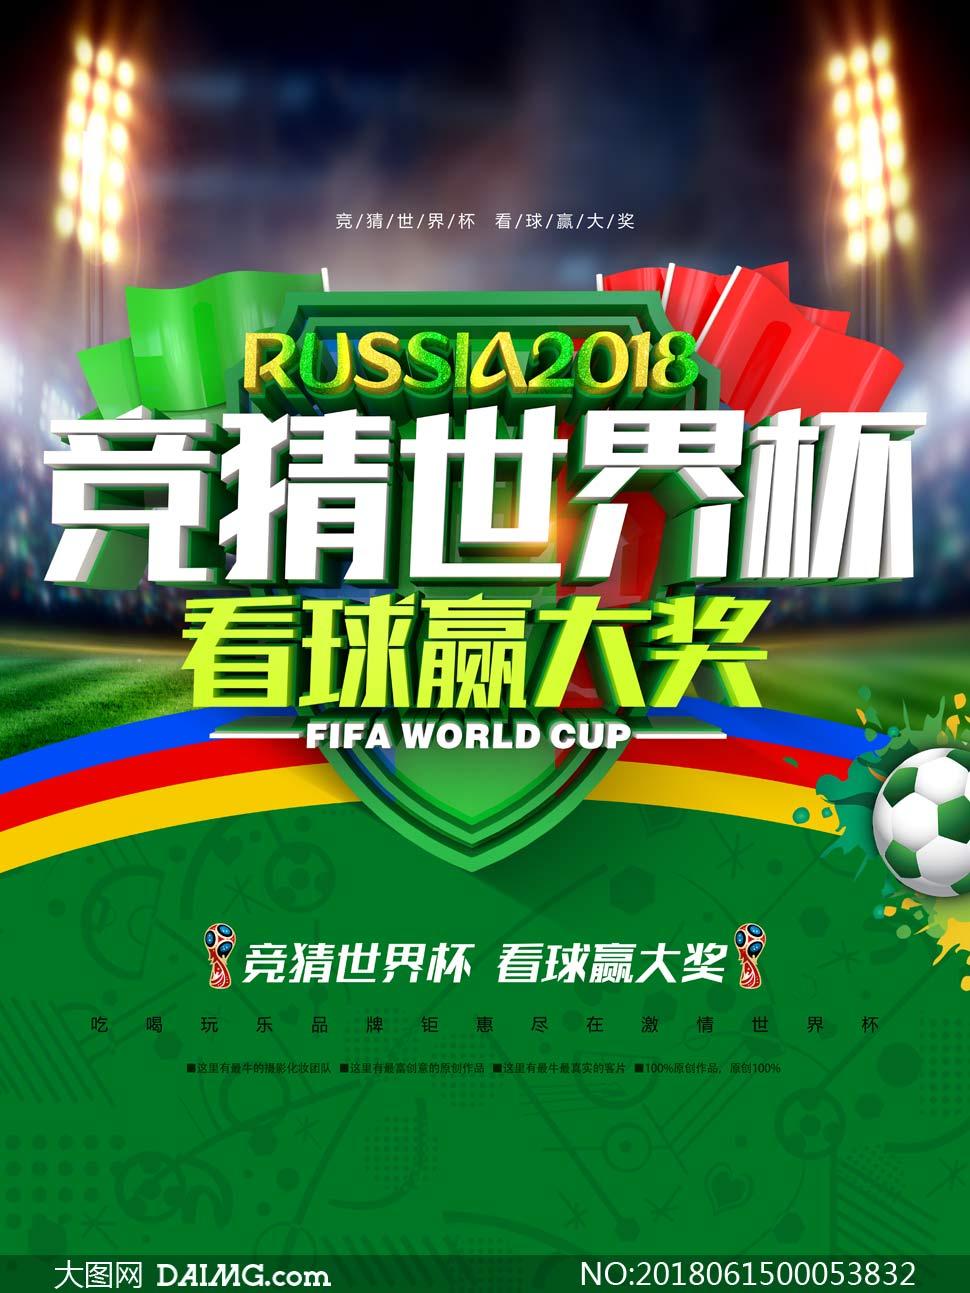 世界杯竞猜赢大奖宣传海报psd素材